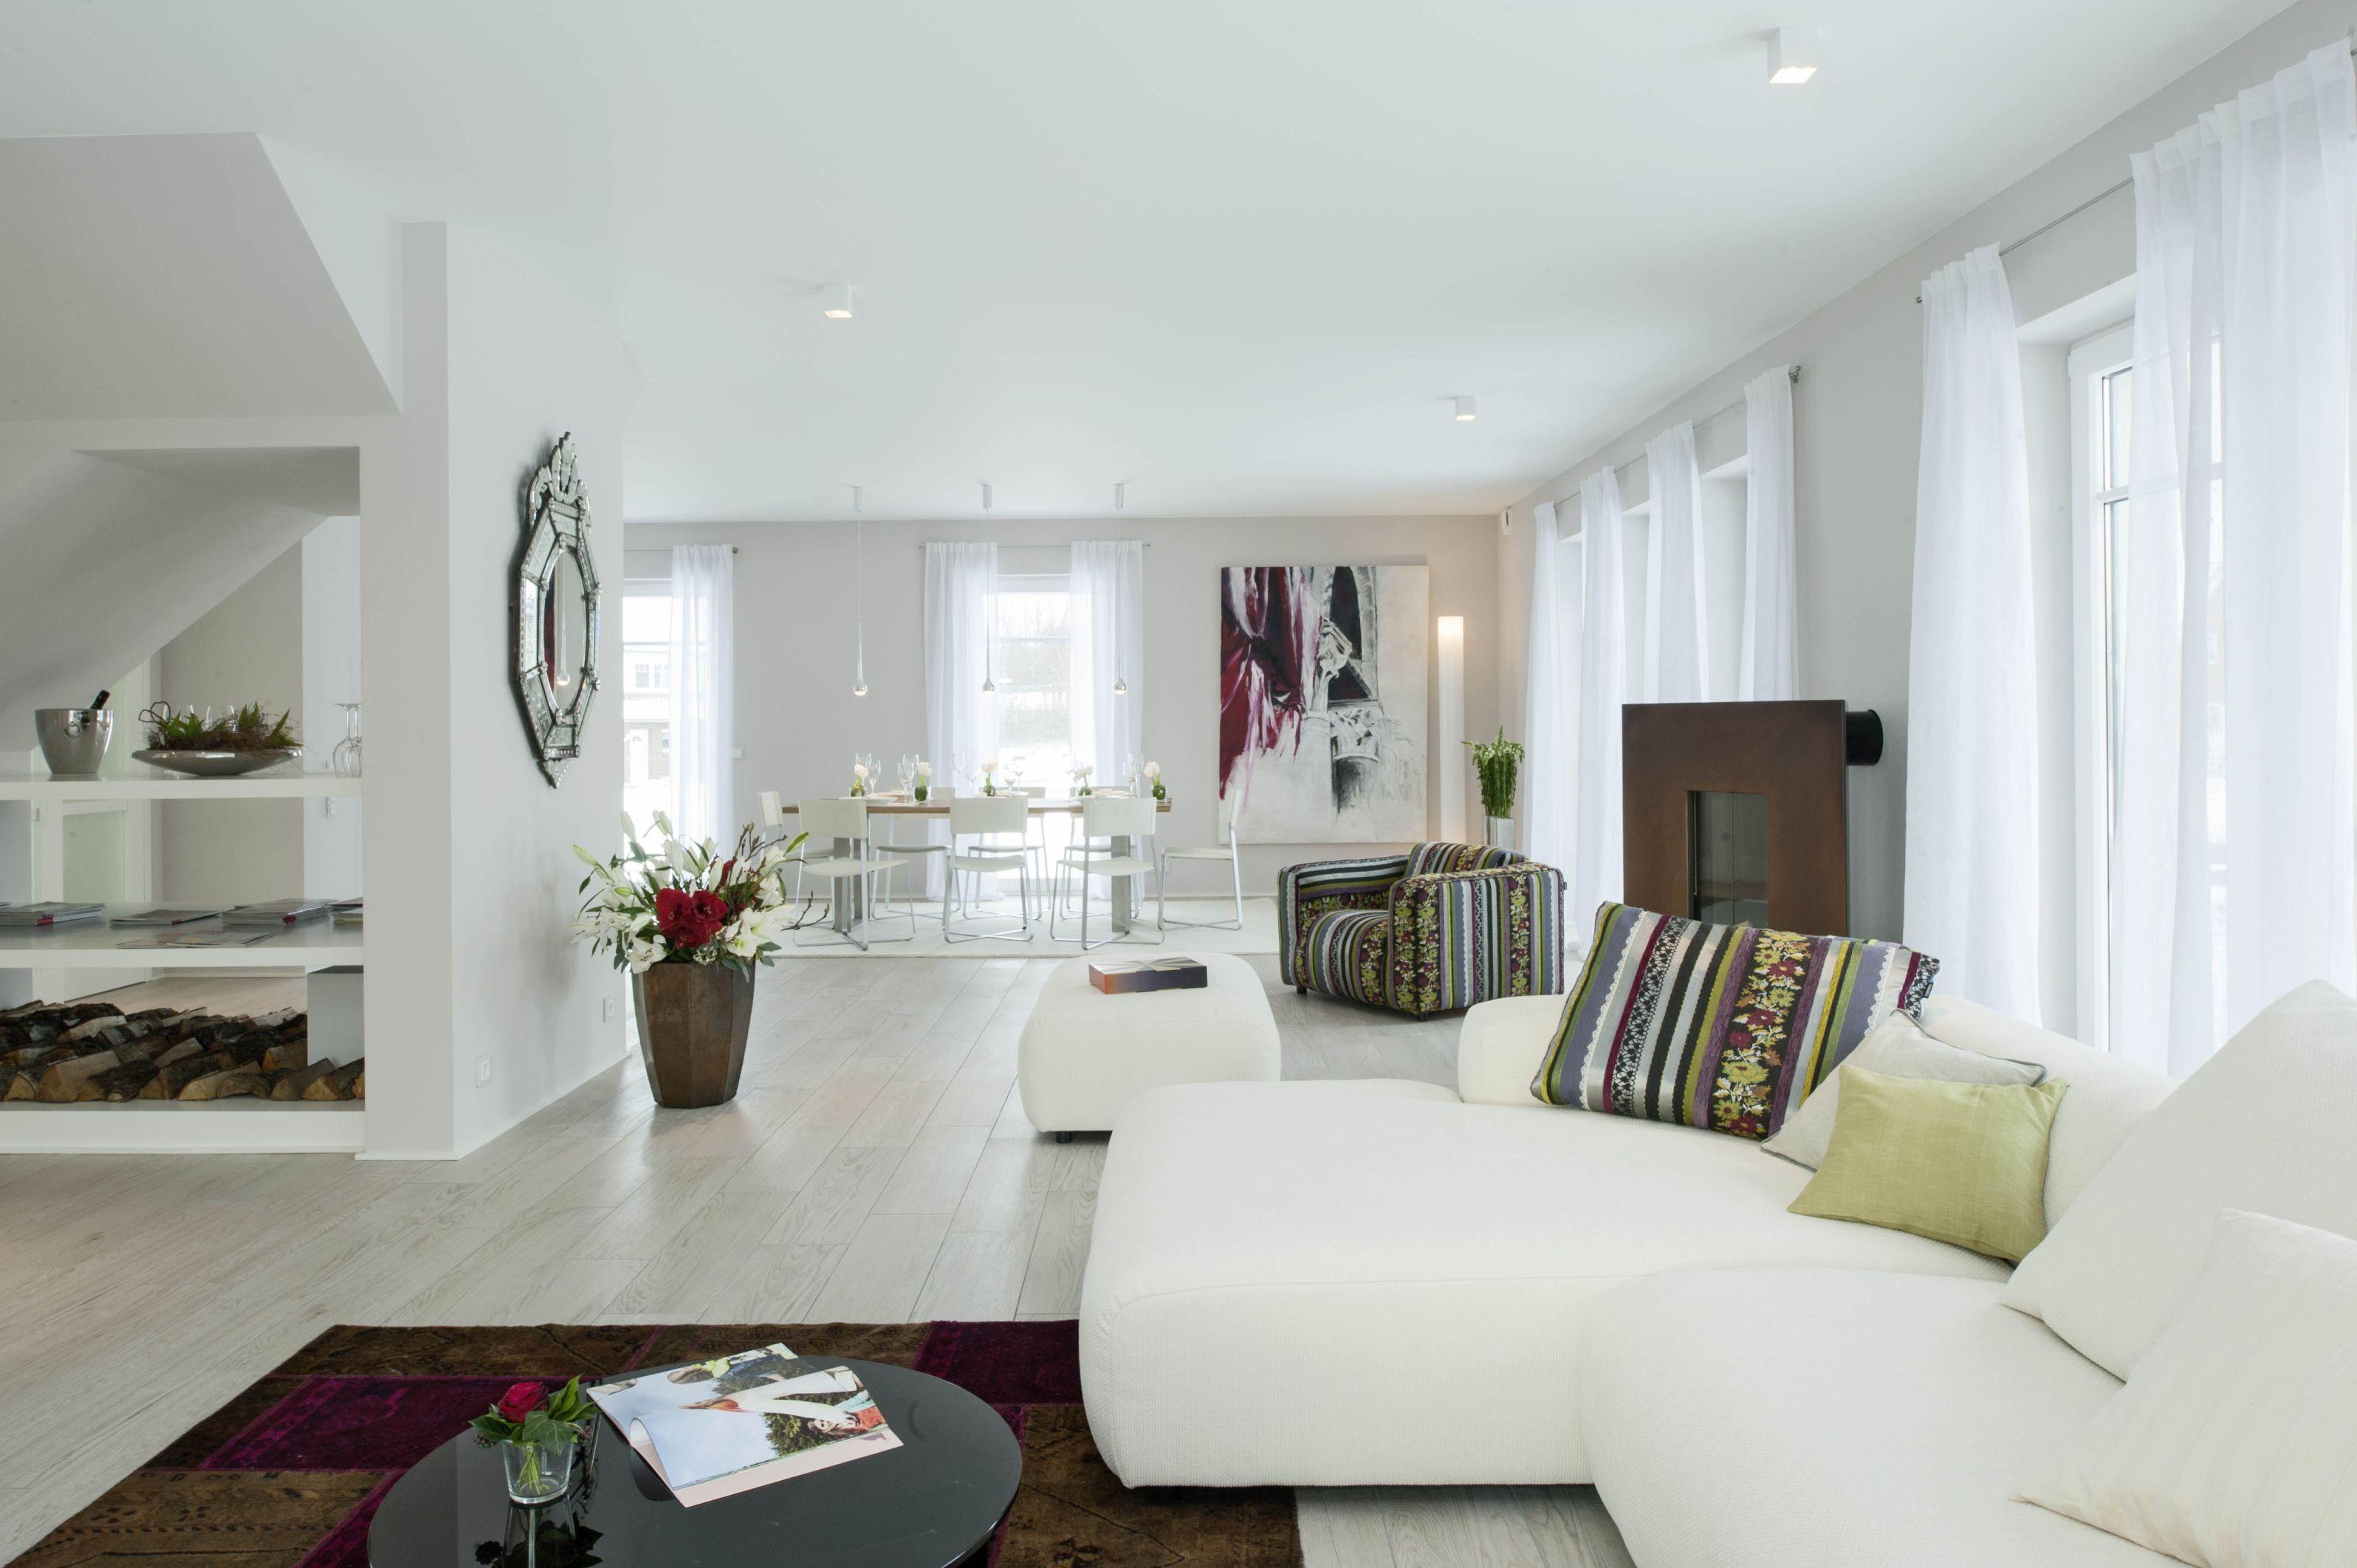 Wohnbereich wohnzimmer pinterest haus jette joop haus und wohnzimmer - Jette joop wandfarbe ...